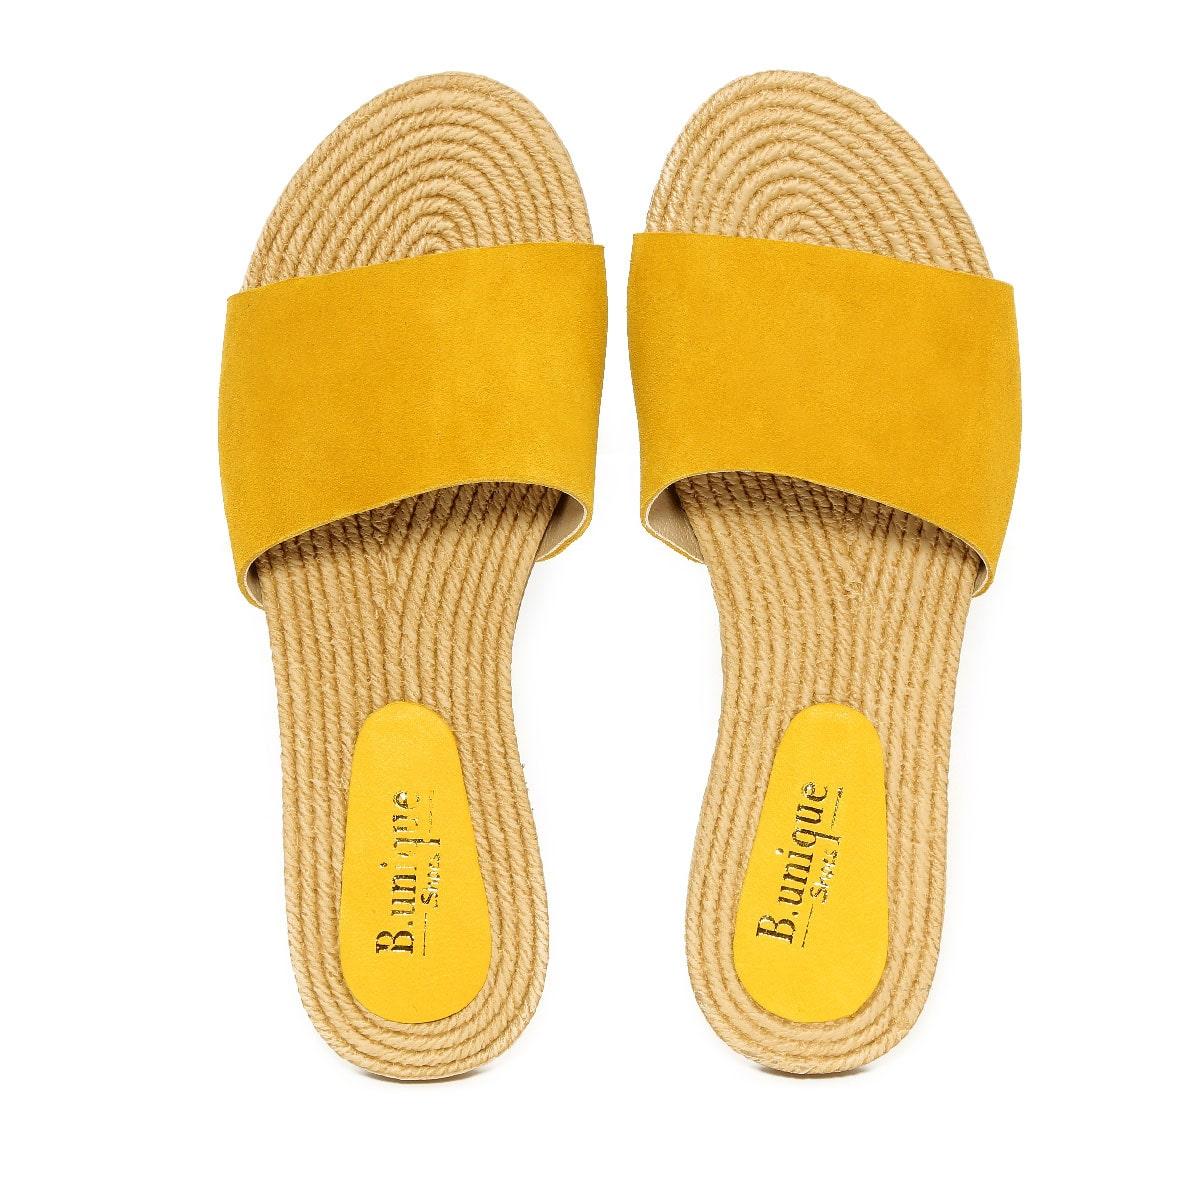 דגם ליאת: כפכפים בצבע צהוב